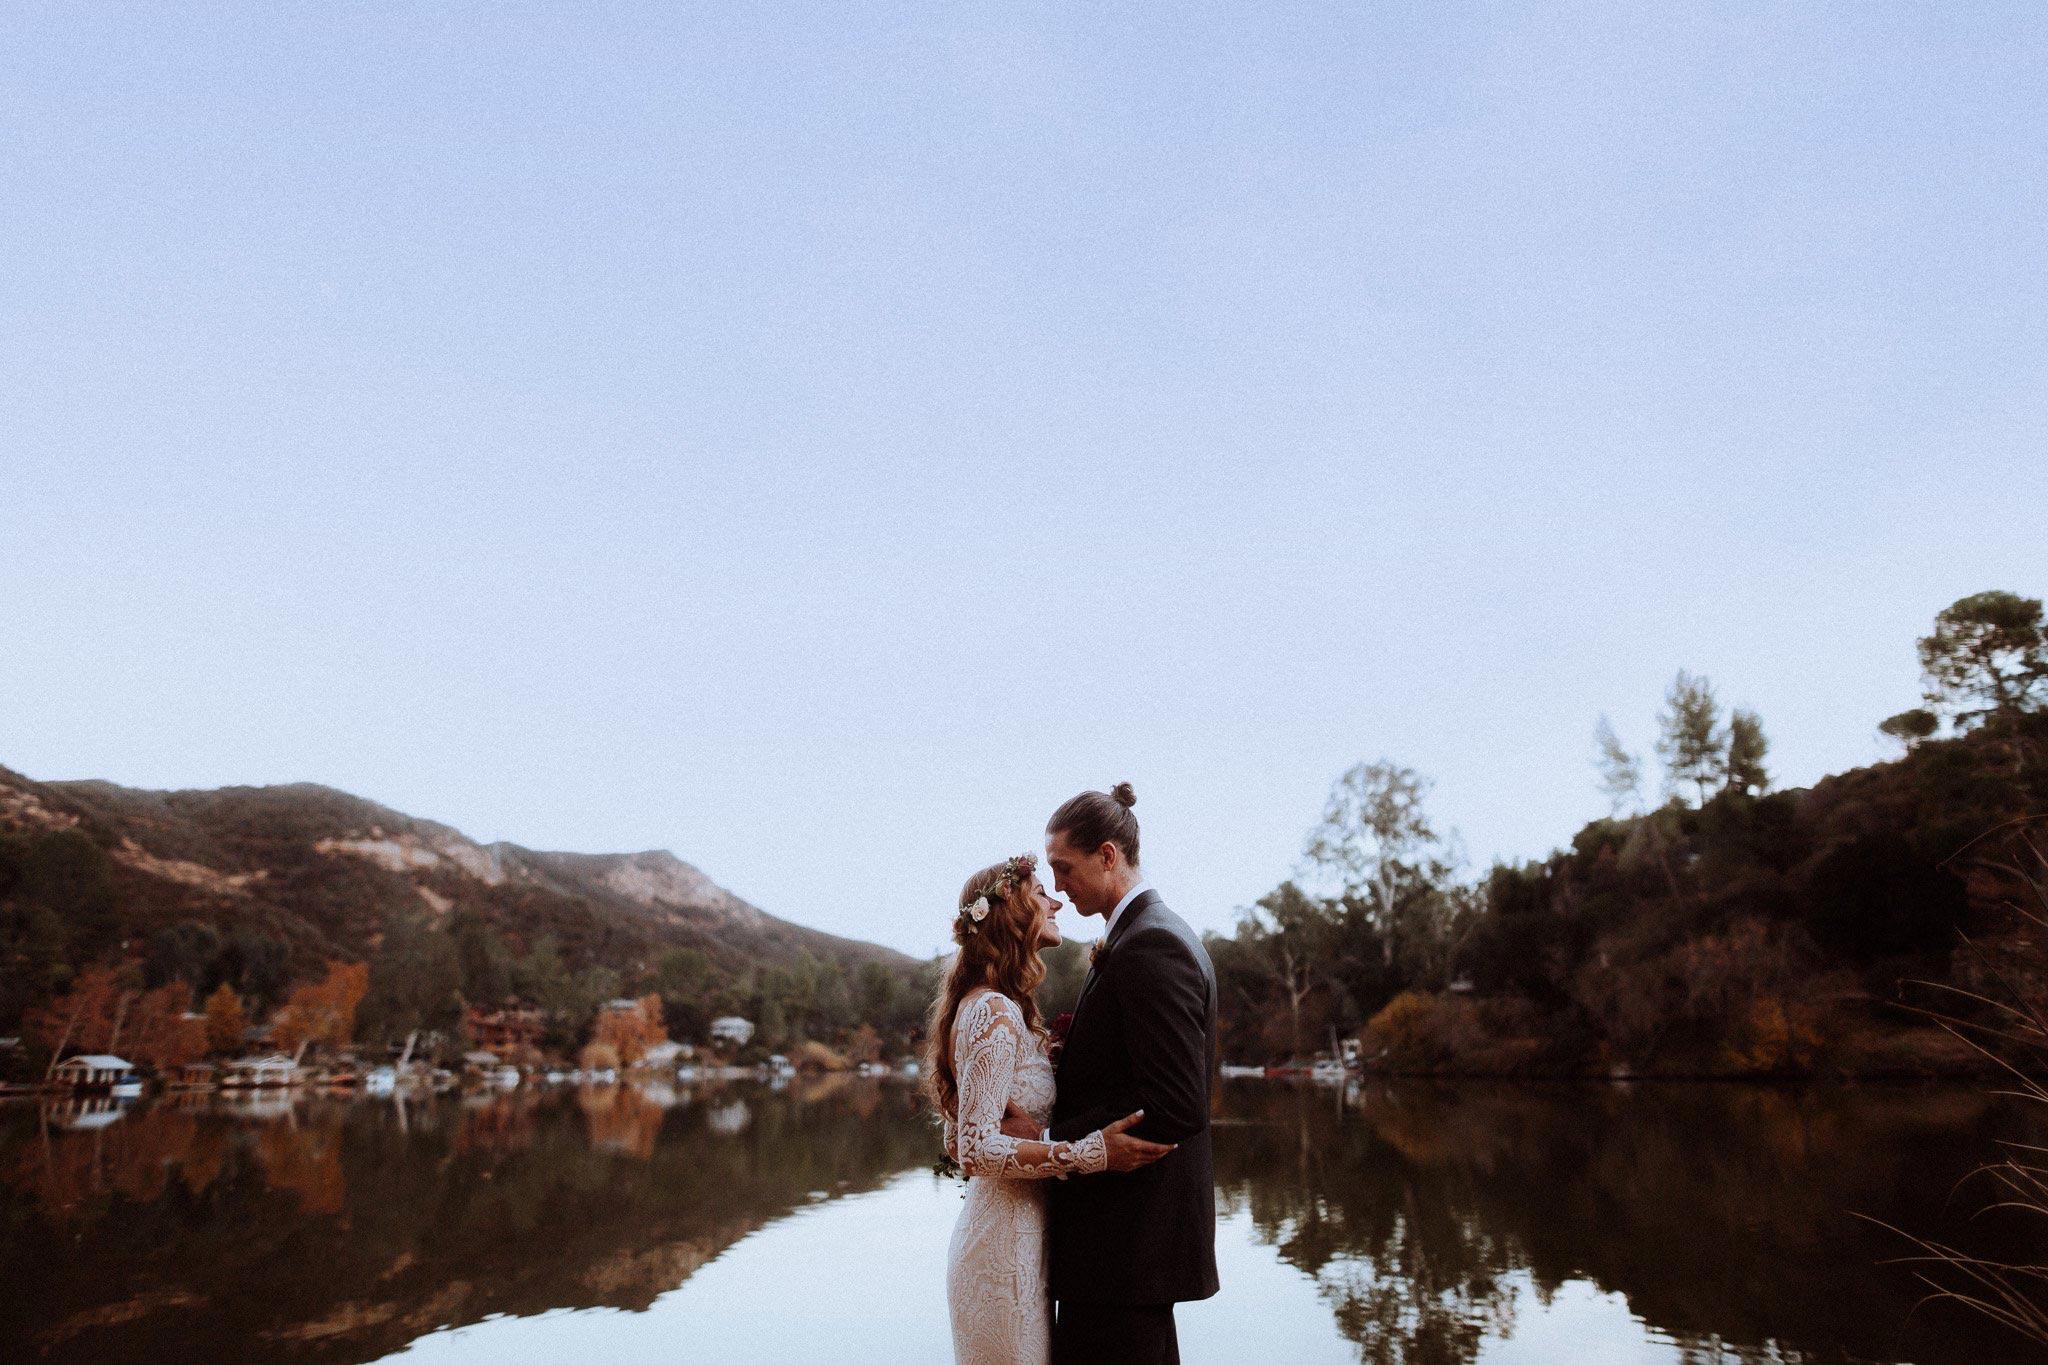 couple-at-lake-medium-shot.jpg